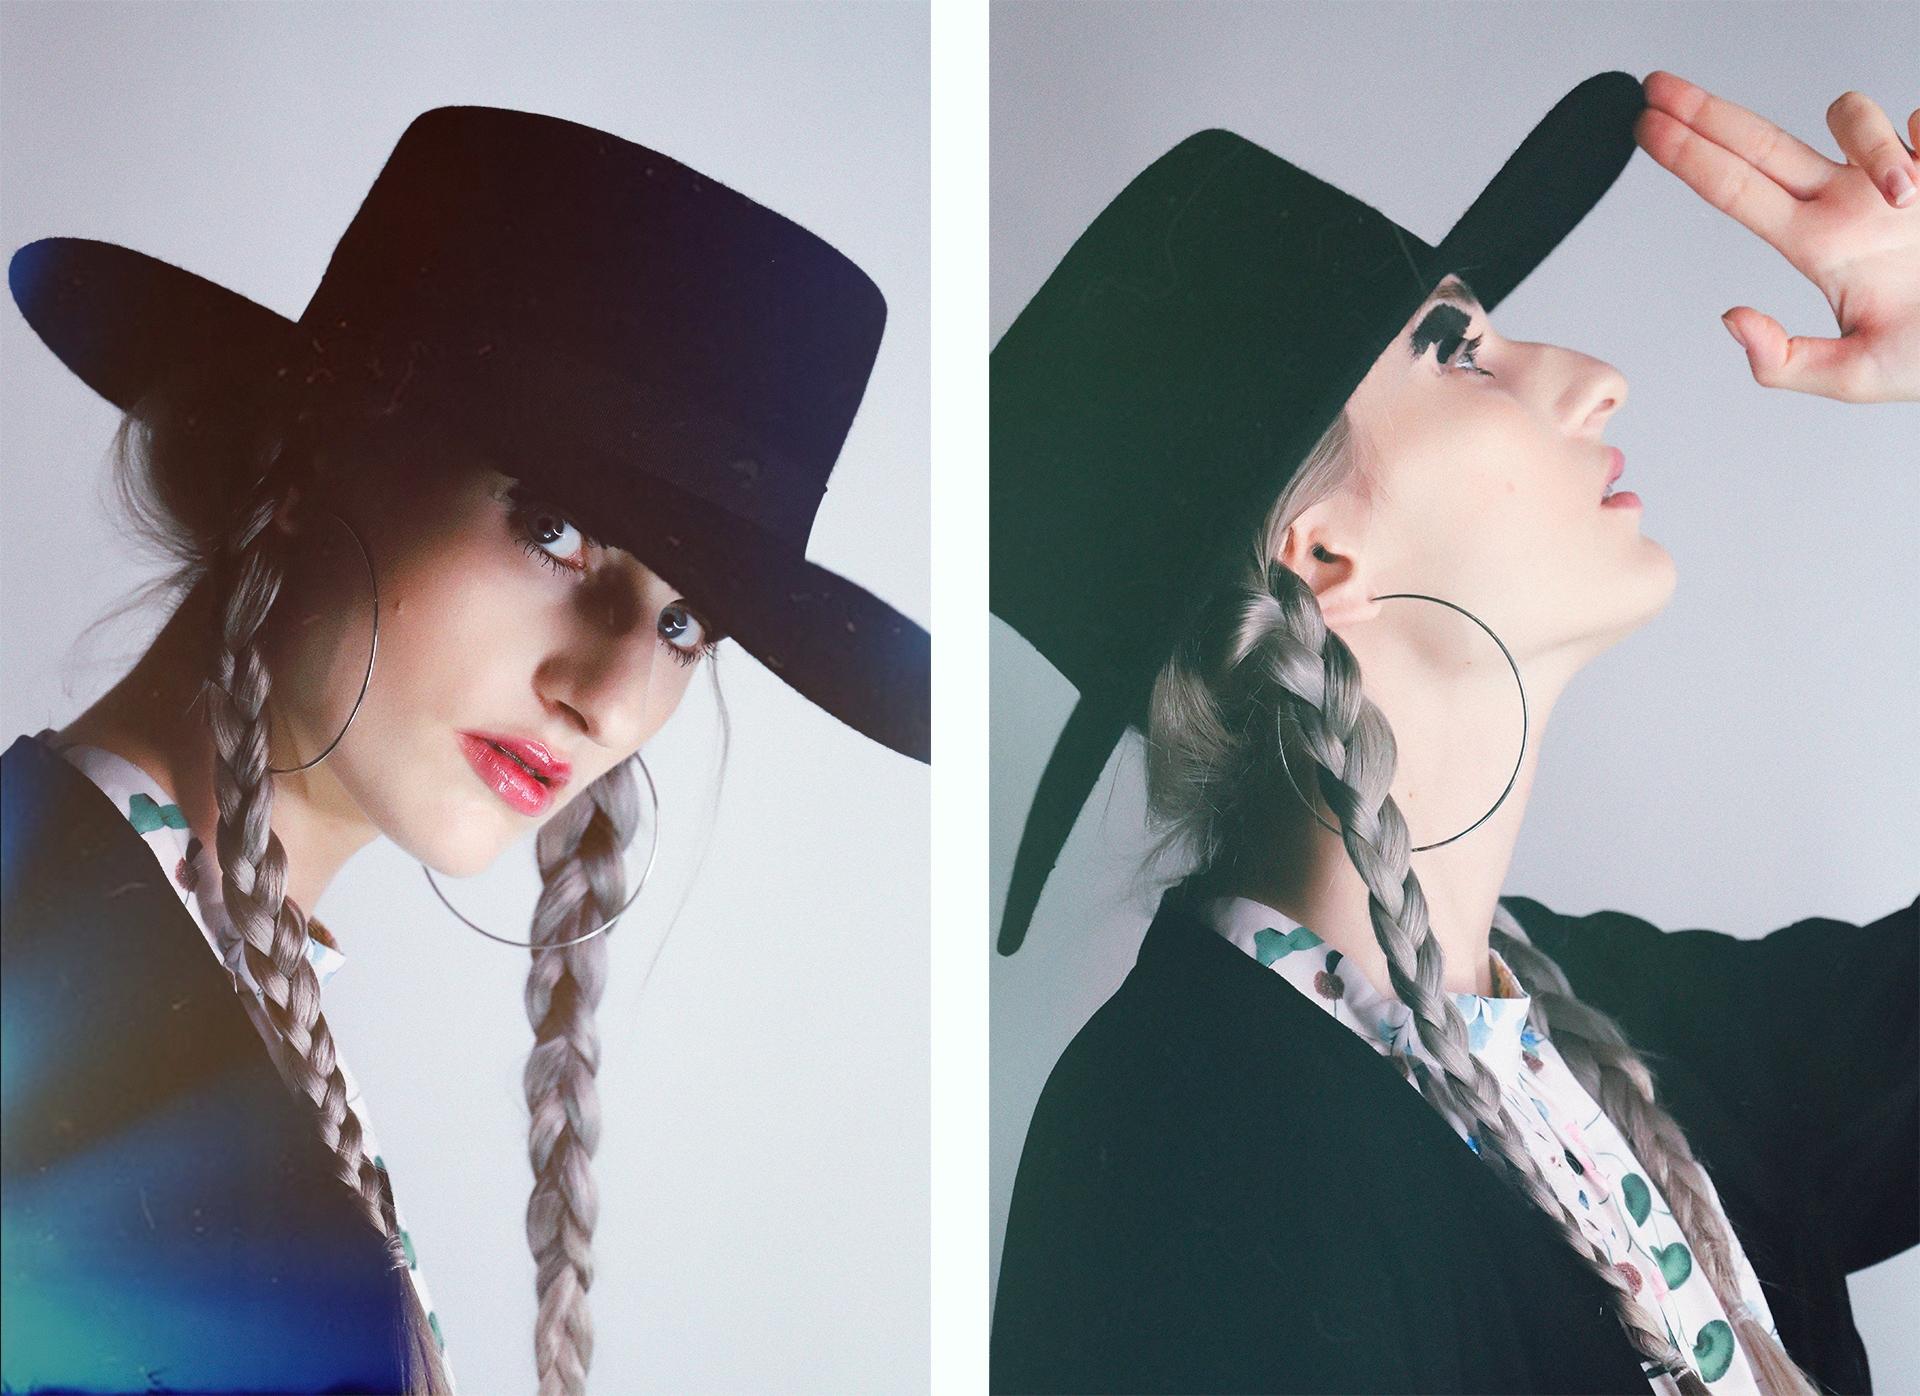 Obraz przedstawia dwa zdjęcia kobiety w czarnym kapeluszu.